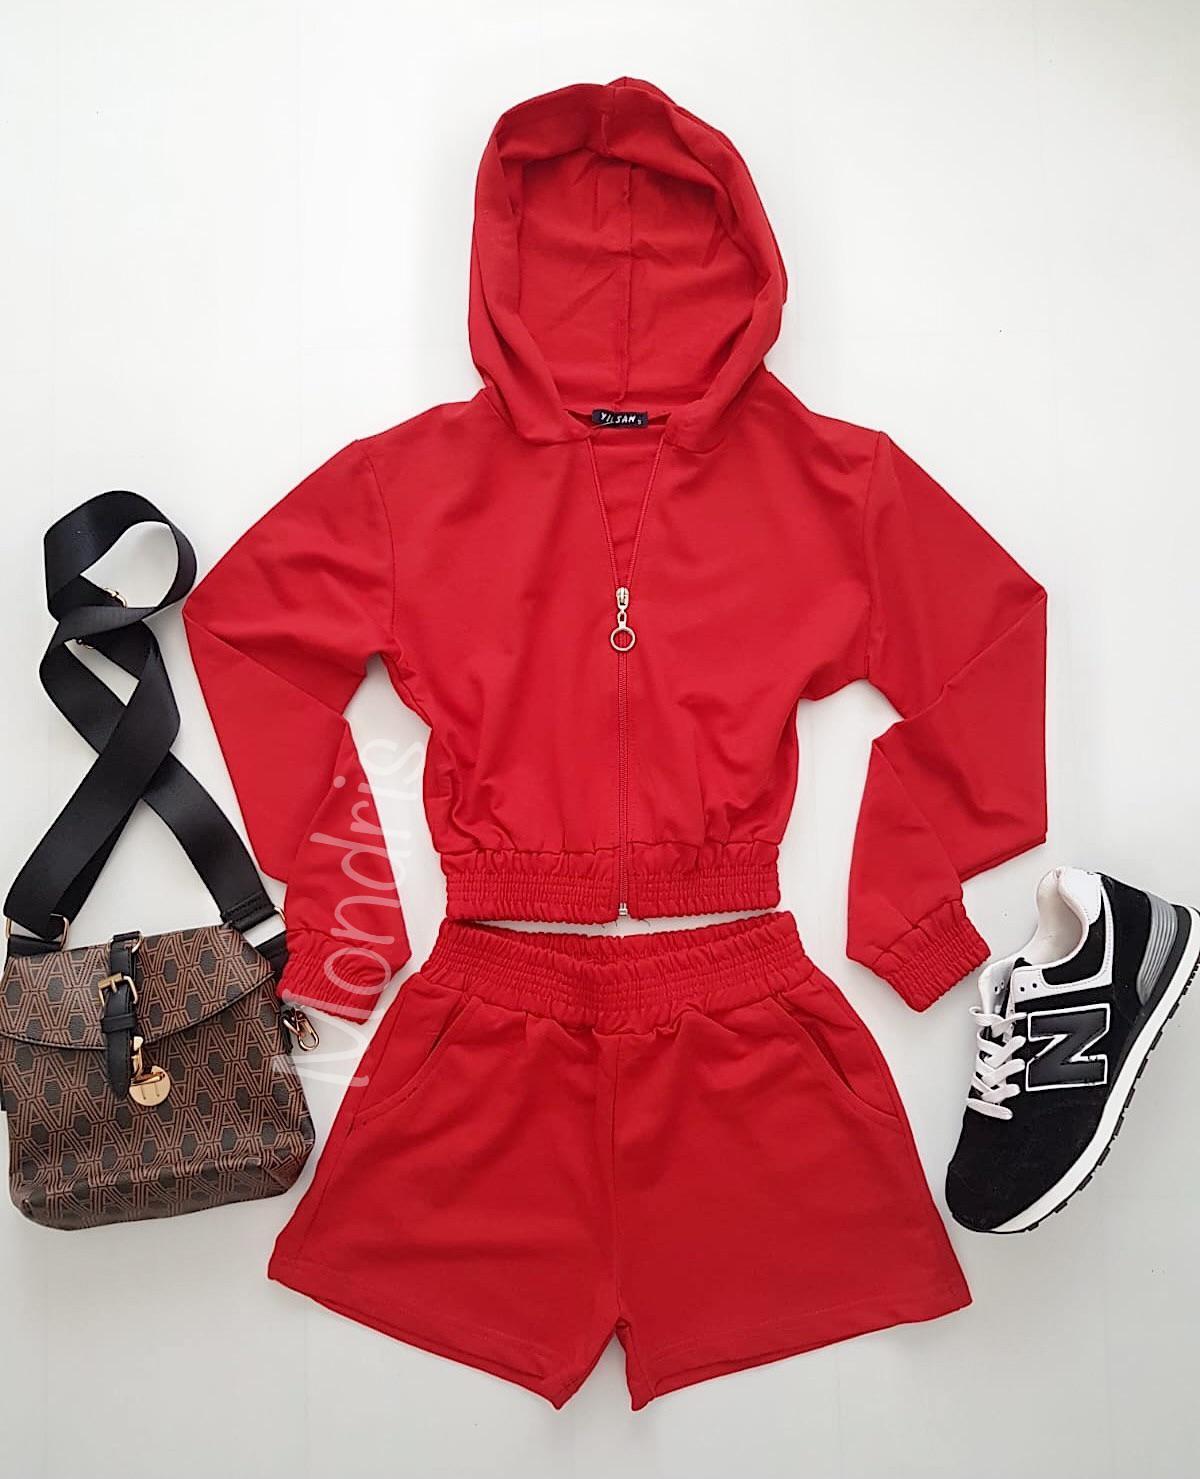 Compleu dama din bumbac rosu compus din pantaloni scurti si hanorac scurt